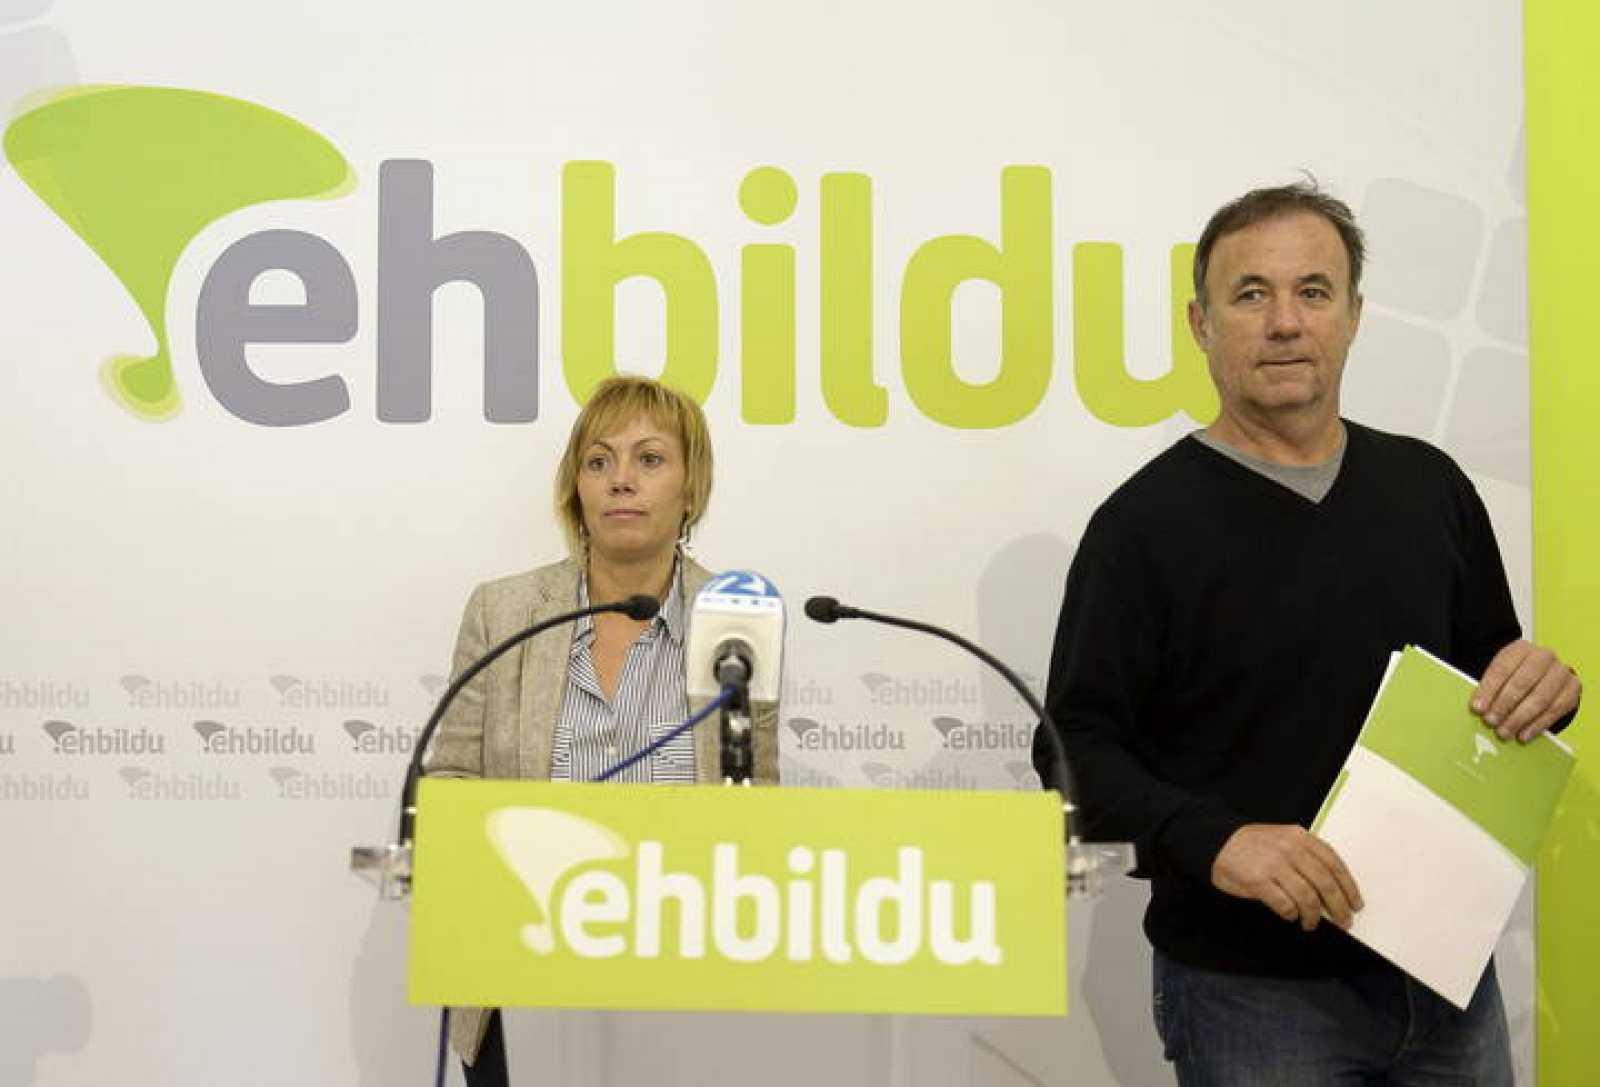 PACTOS ÁLAVA /EHBILDU